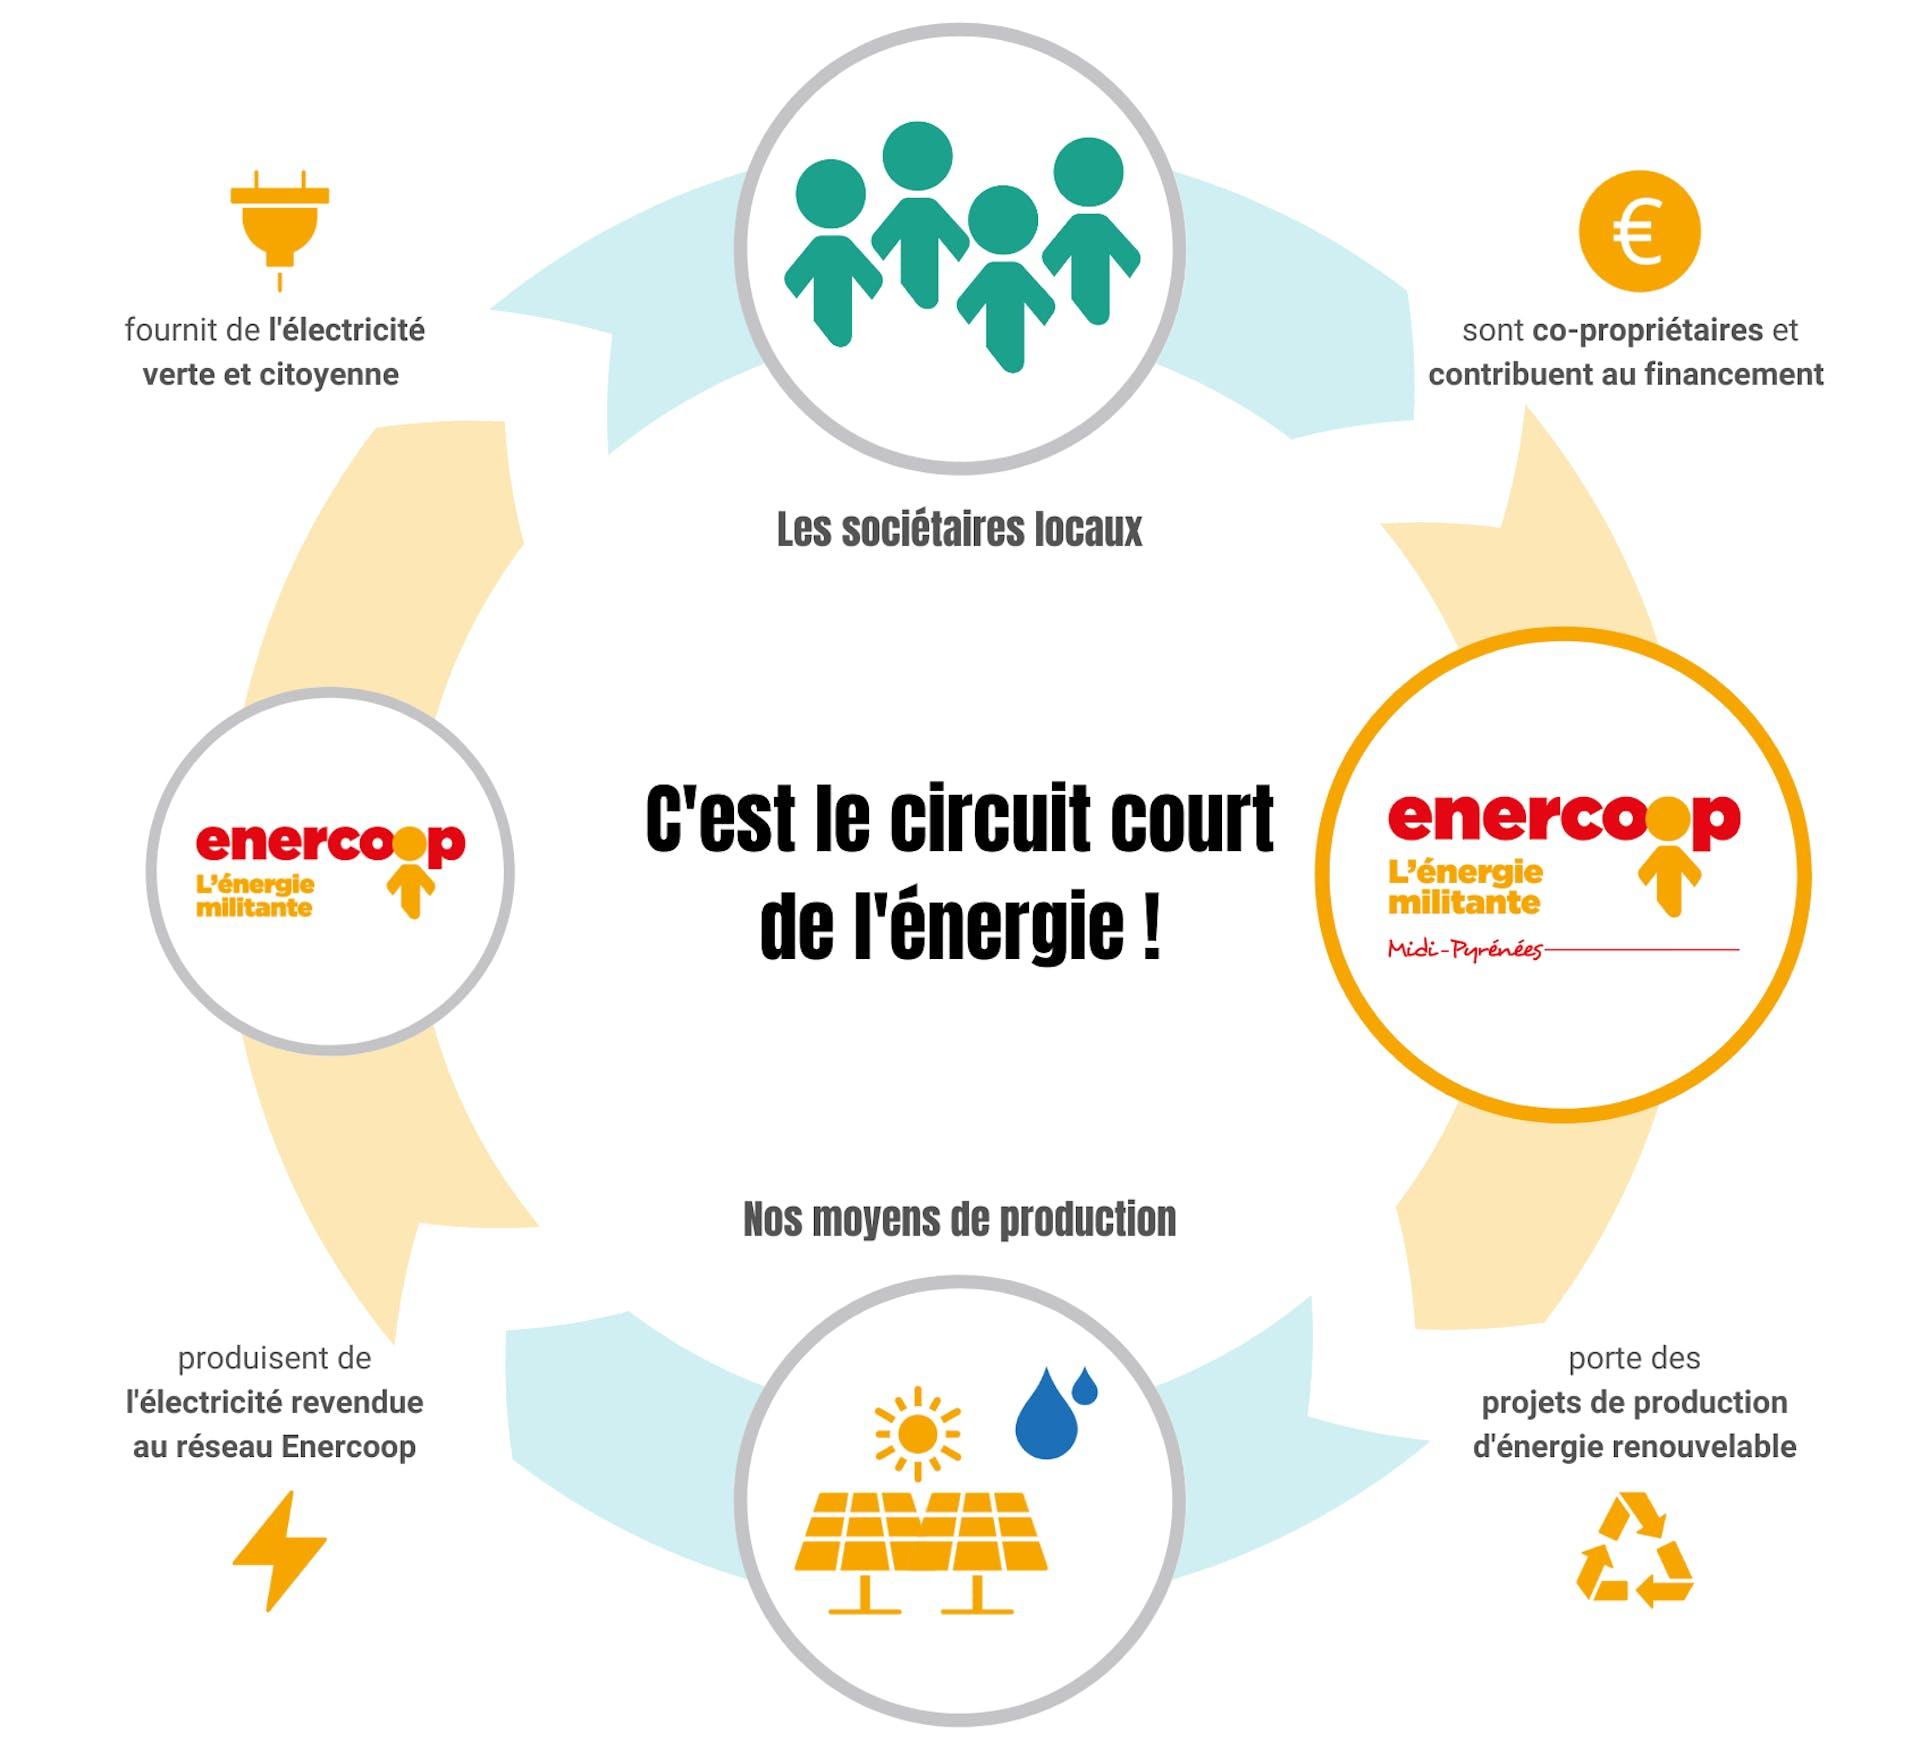 Schéma du circuit court de l'énergie d'Enercoop Midi-Pyrénées